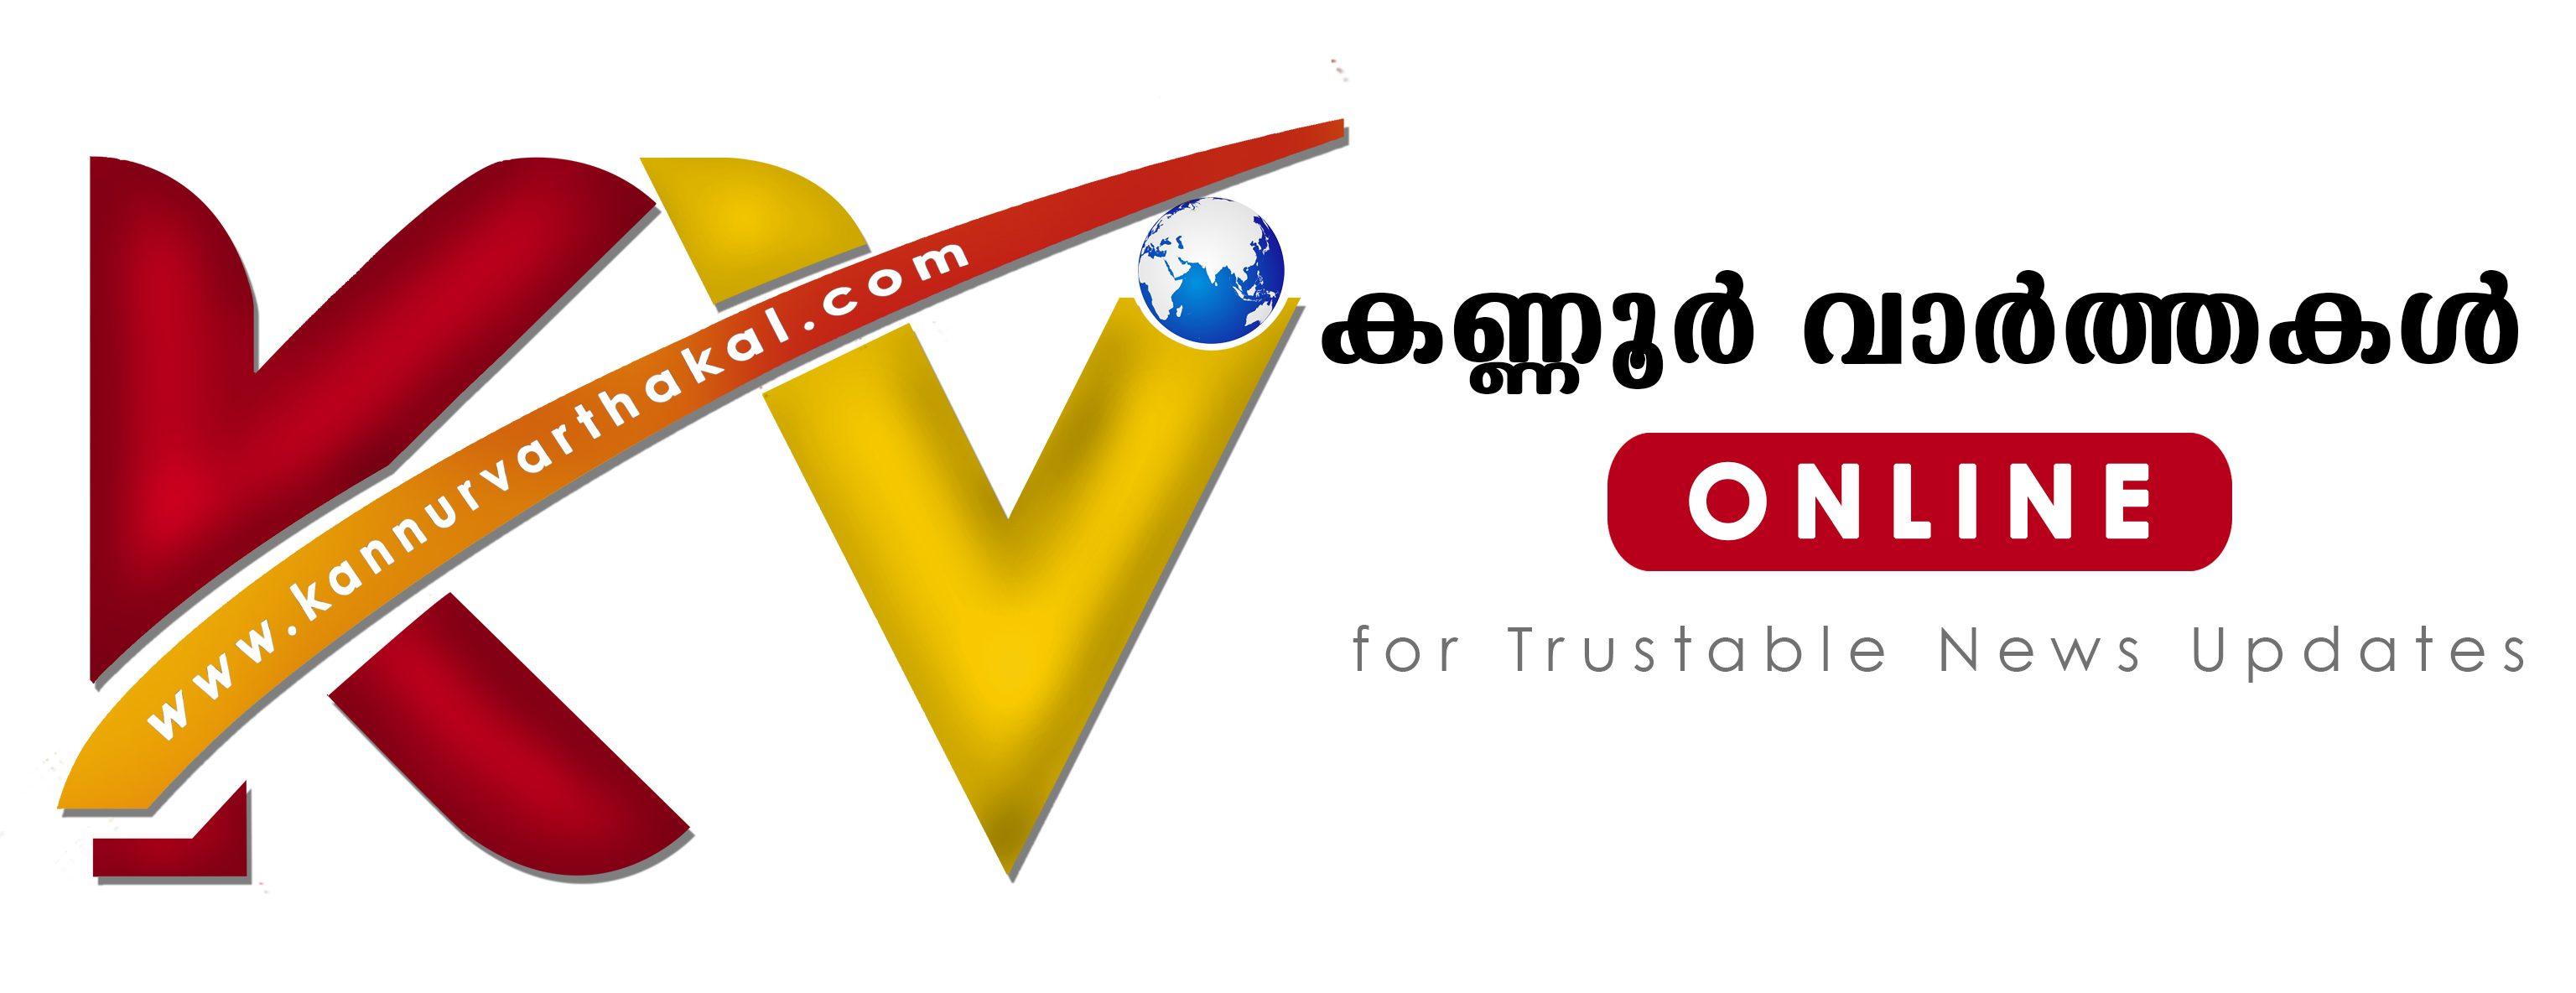 Kannur Varthakal Online